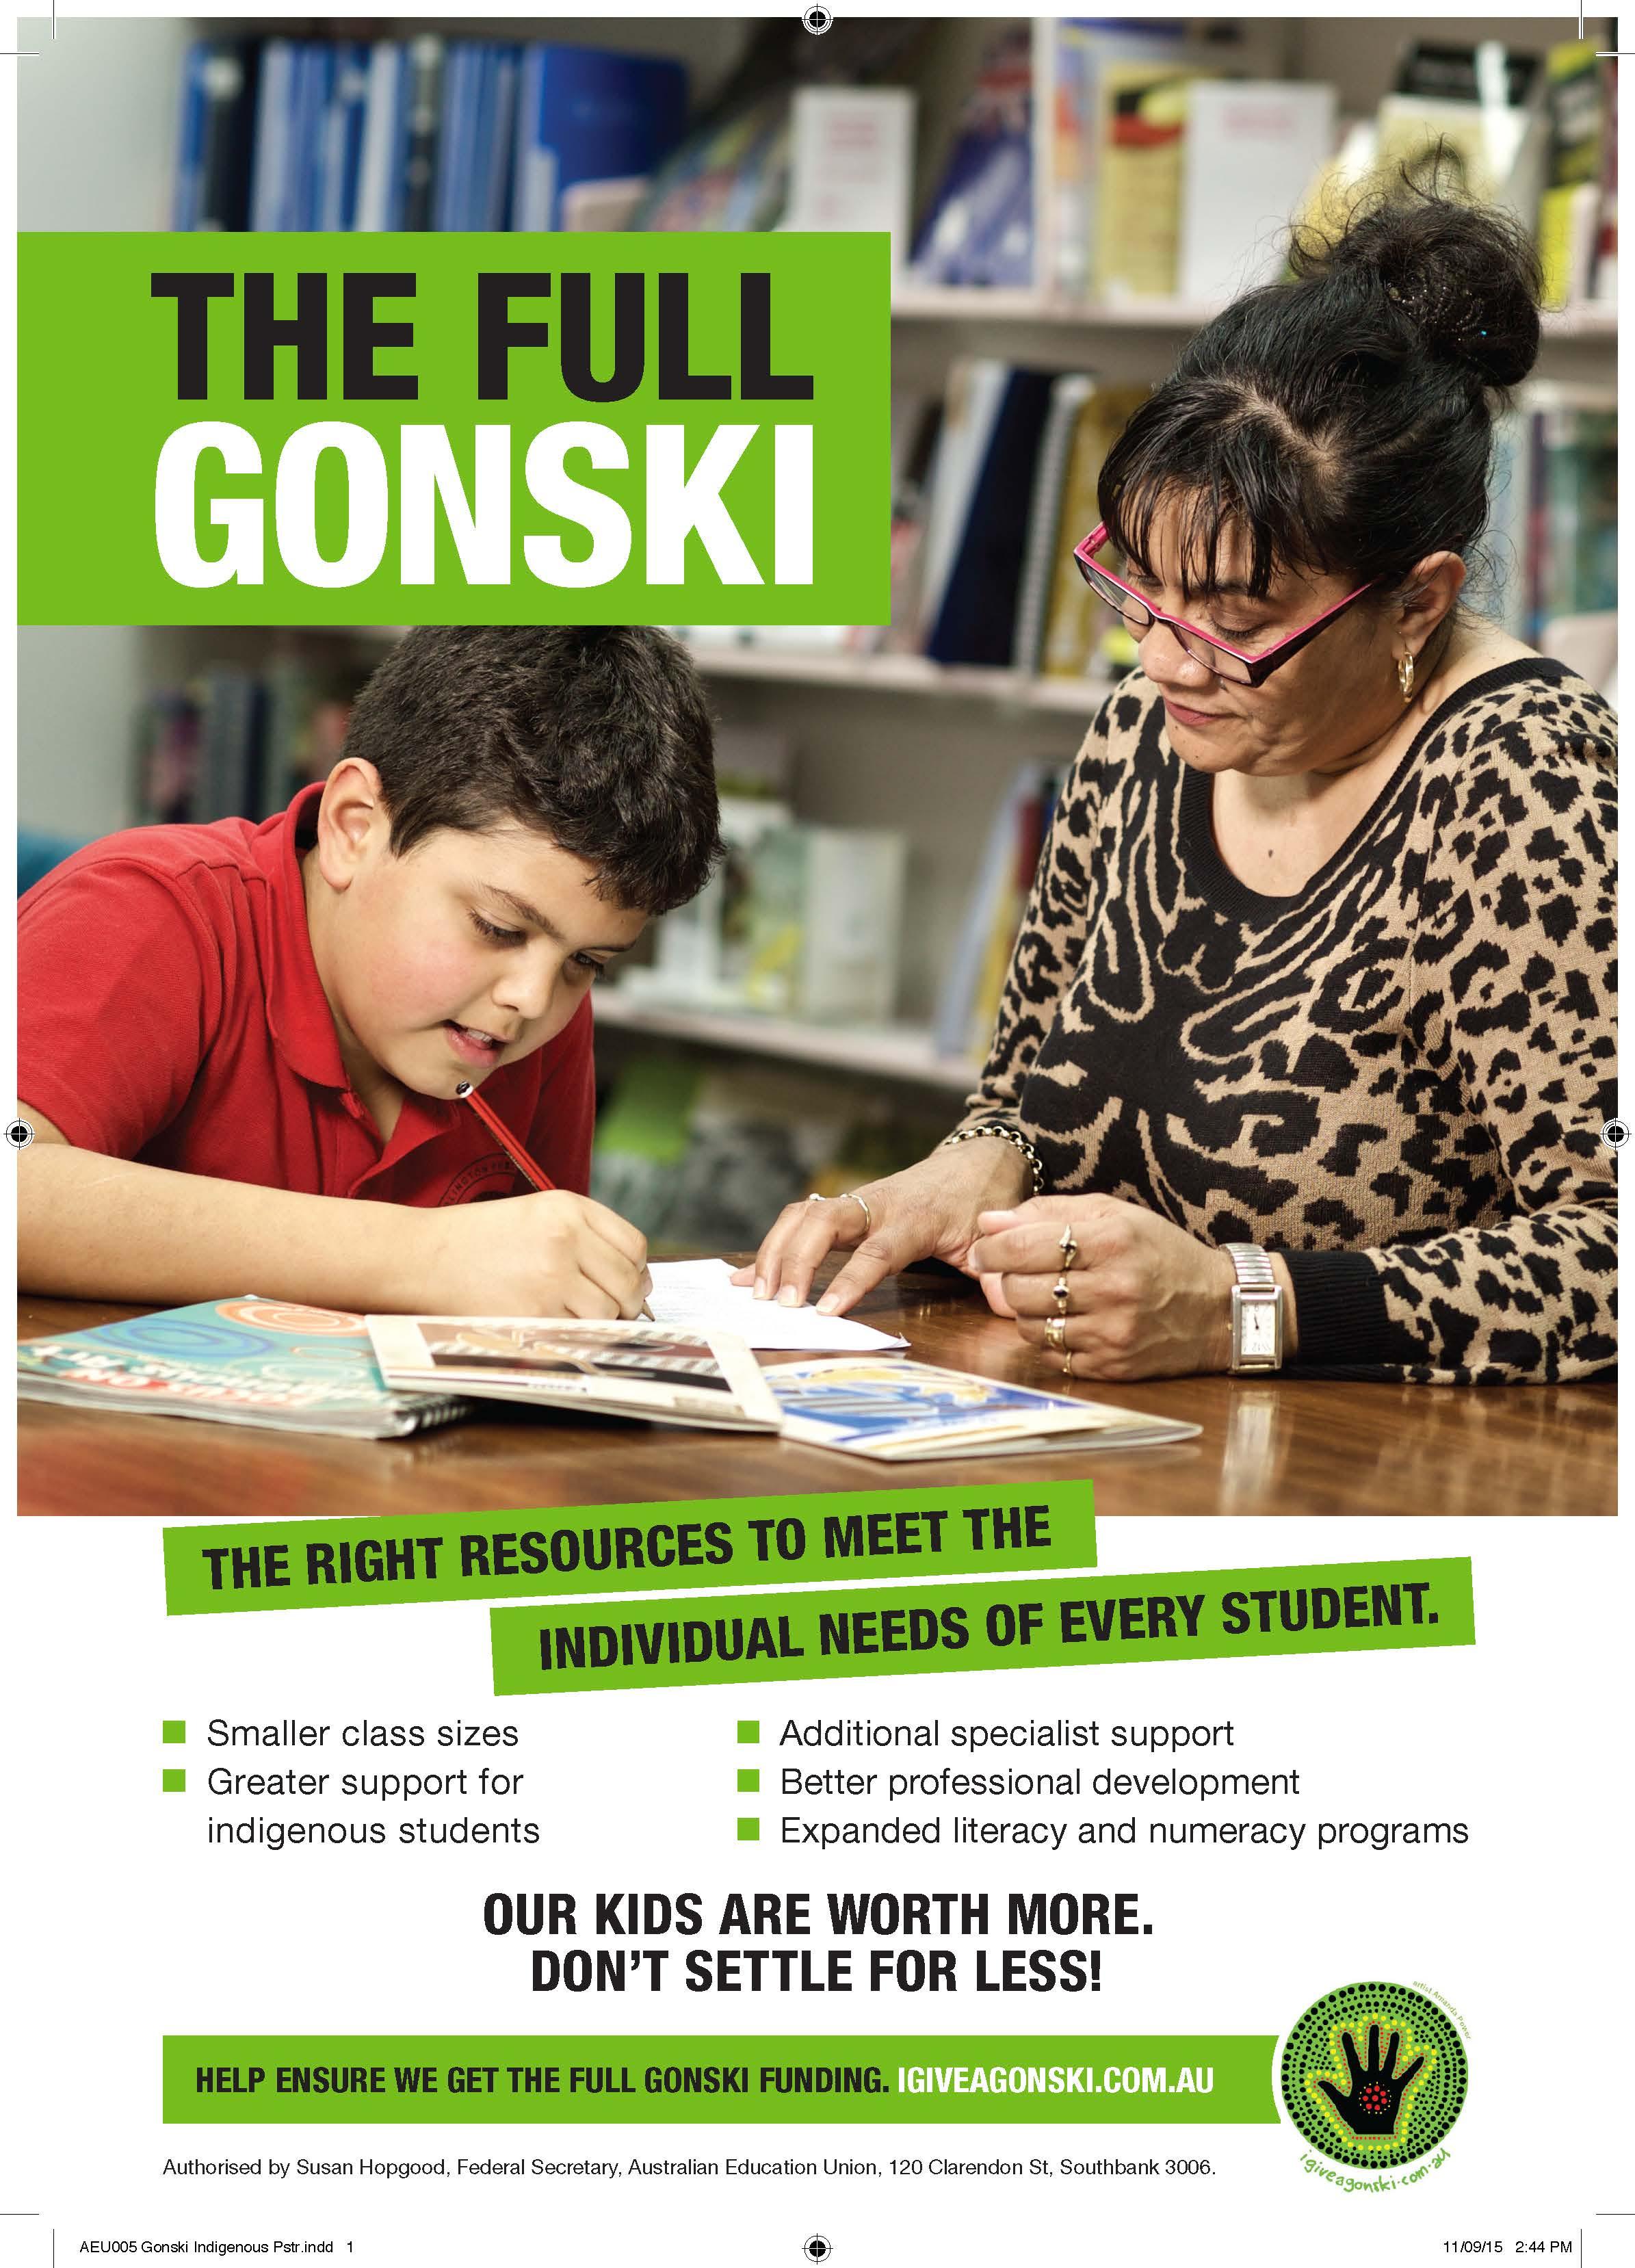 The Full Gonski poster